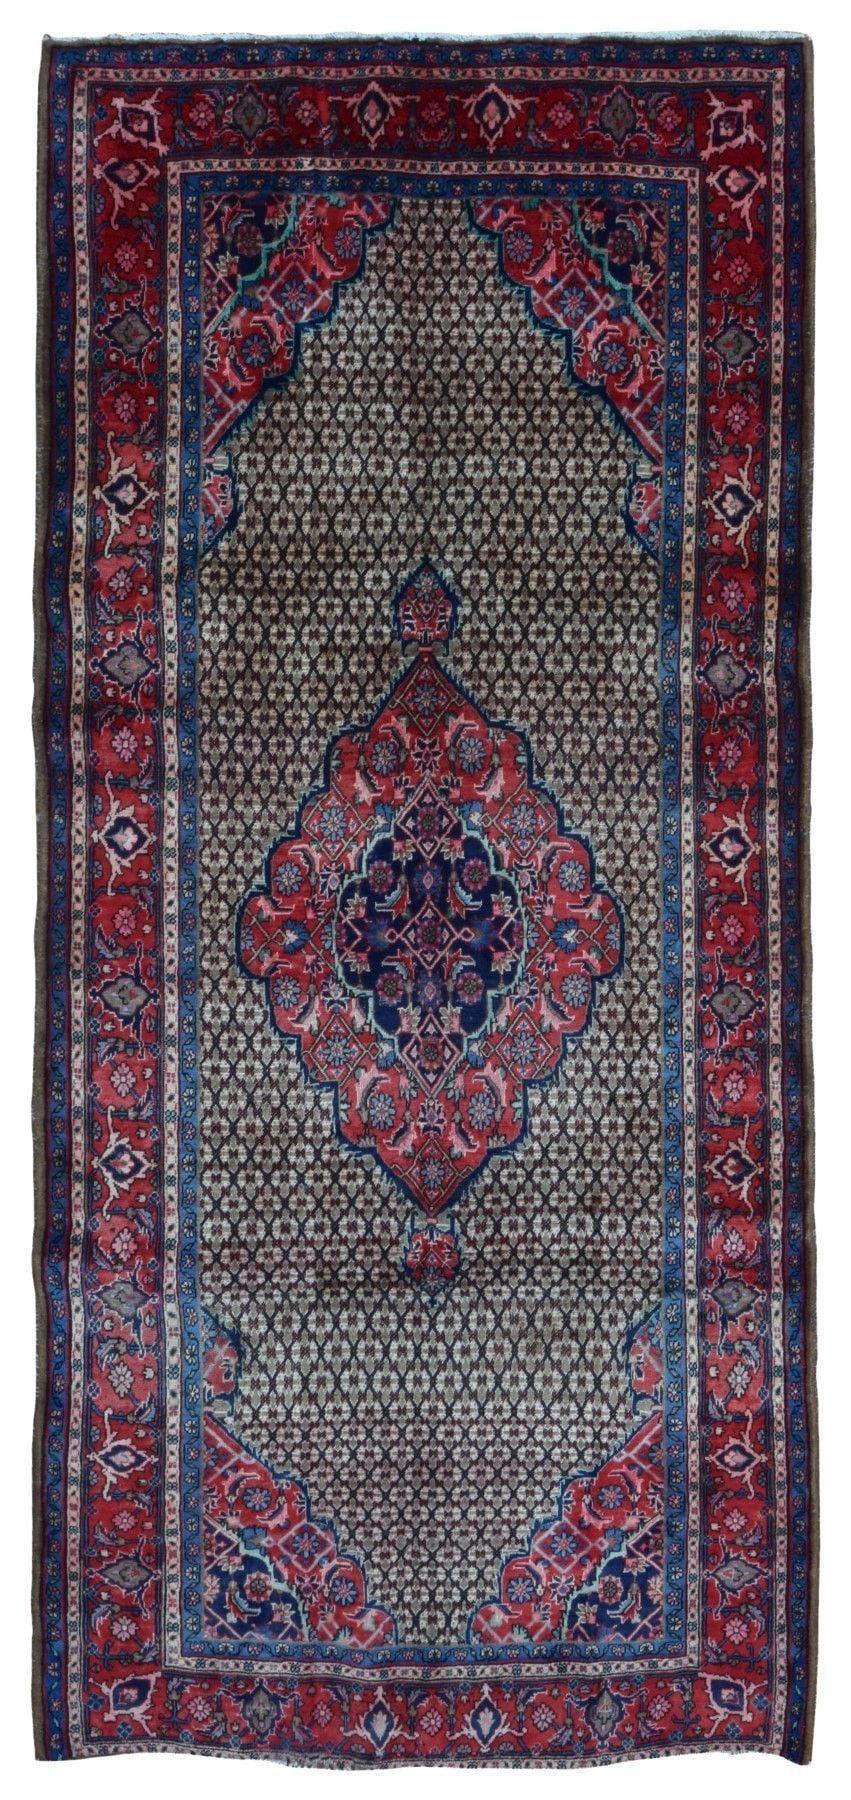 Semi-Antique Persian Hamadan Runner Rug 5'1X10'6